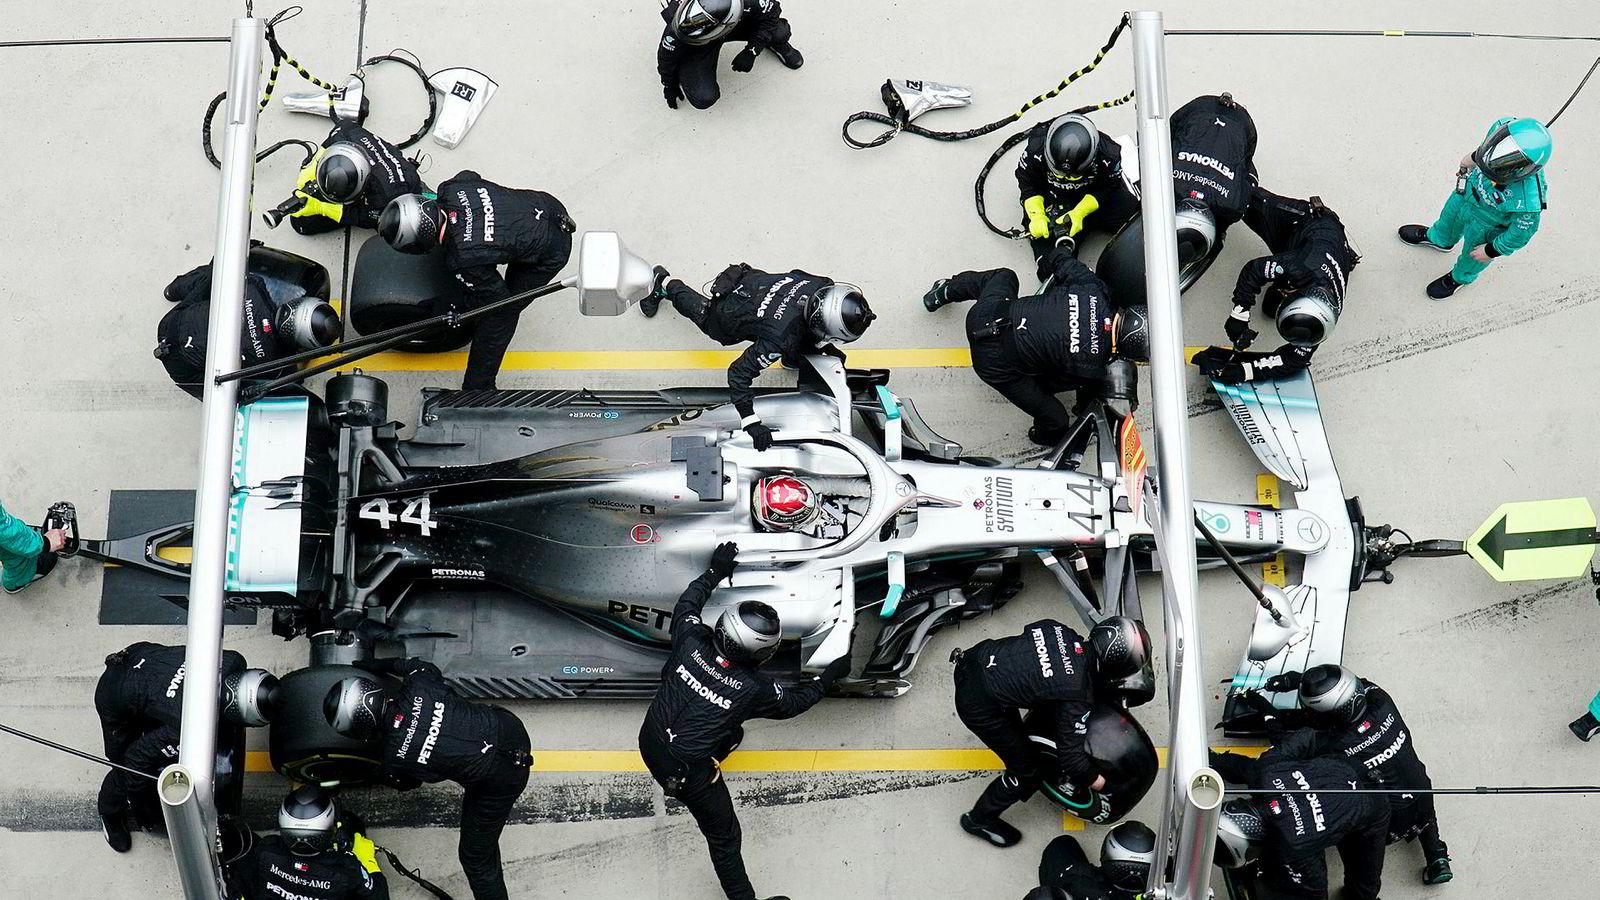 Bånn gass.Mercedes-kjører Lewis Hamilton gjør et pitstopp under det kinesike Formel 1 Grand Prix.løpet i Shanghai søndag.